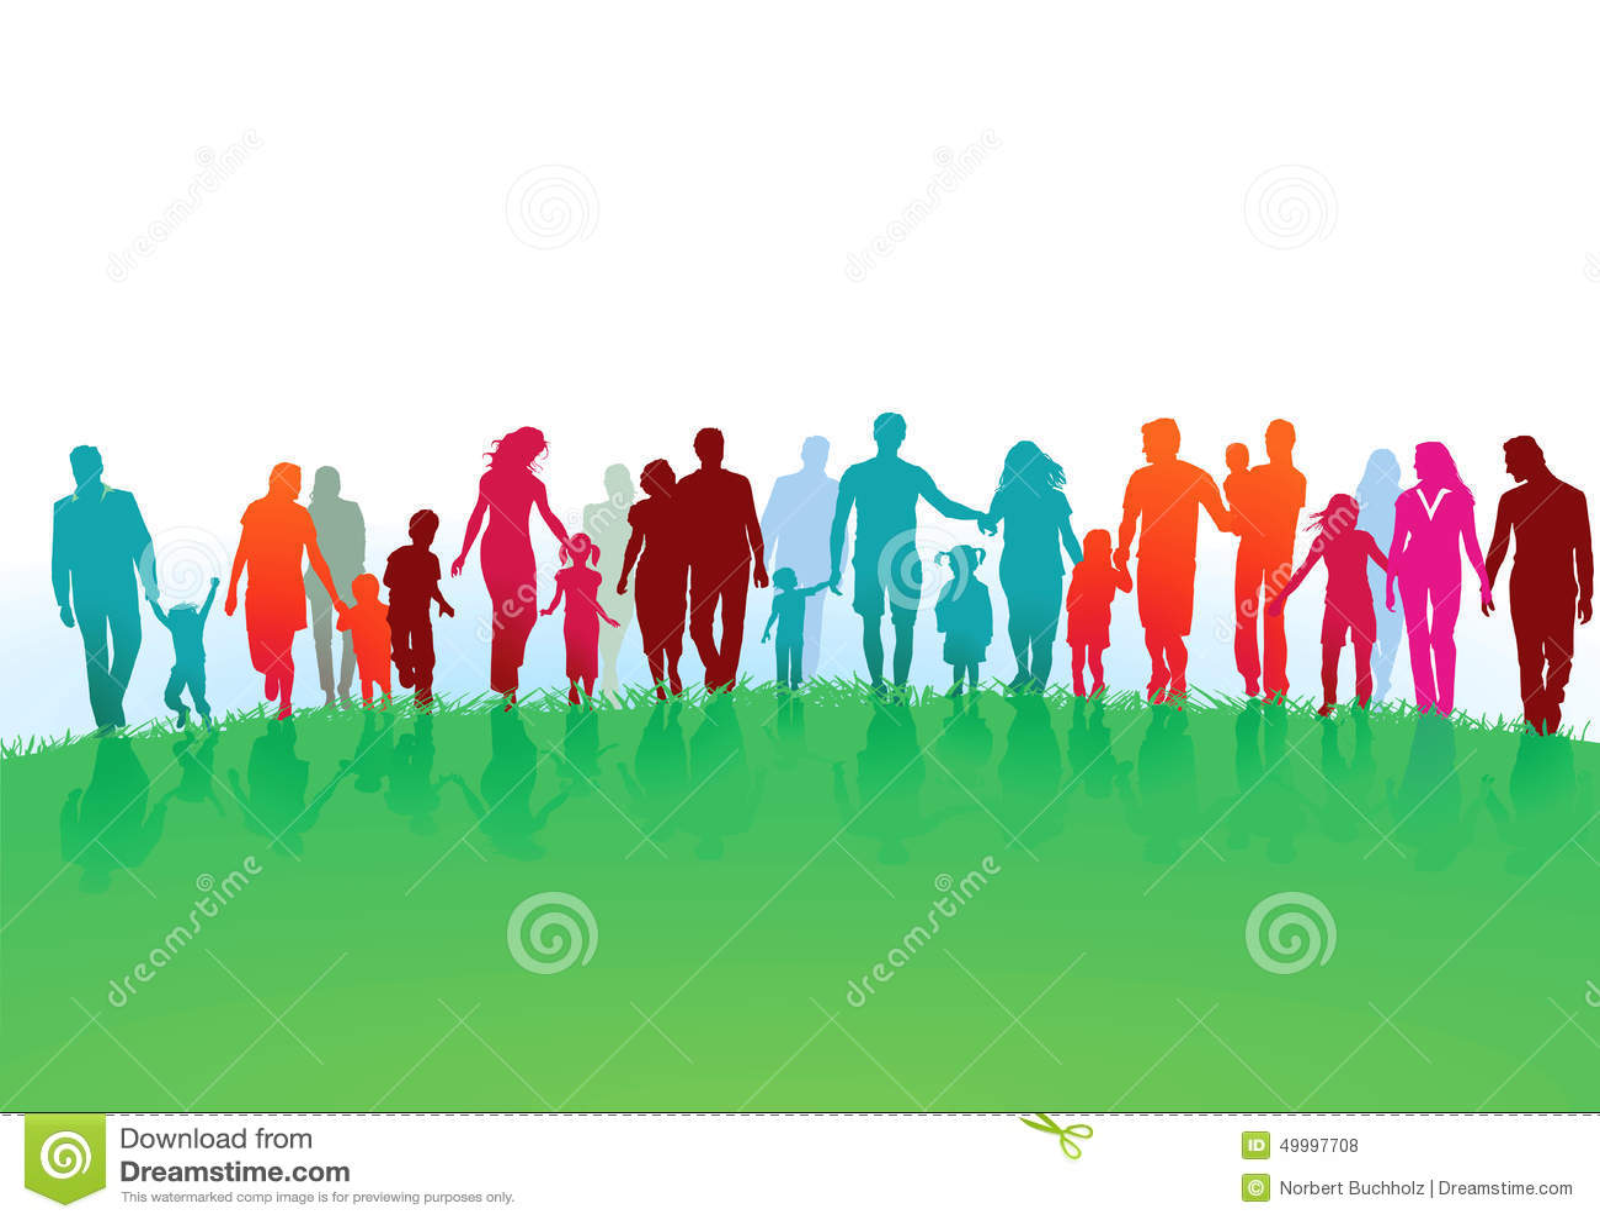 Familles marchant dans un domaine vert